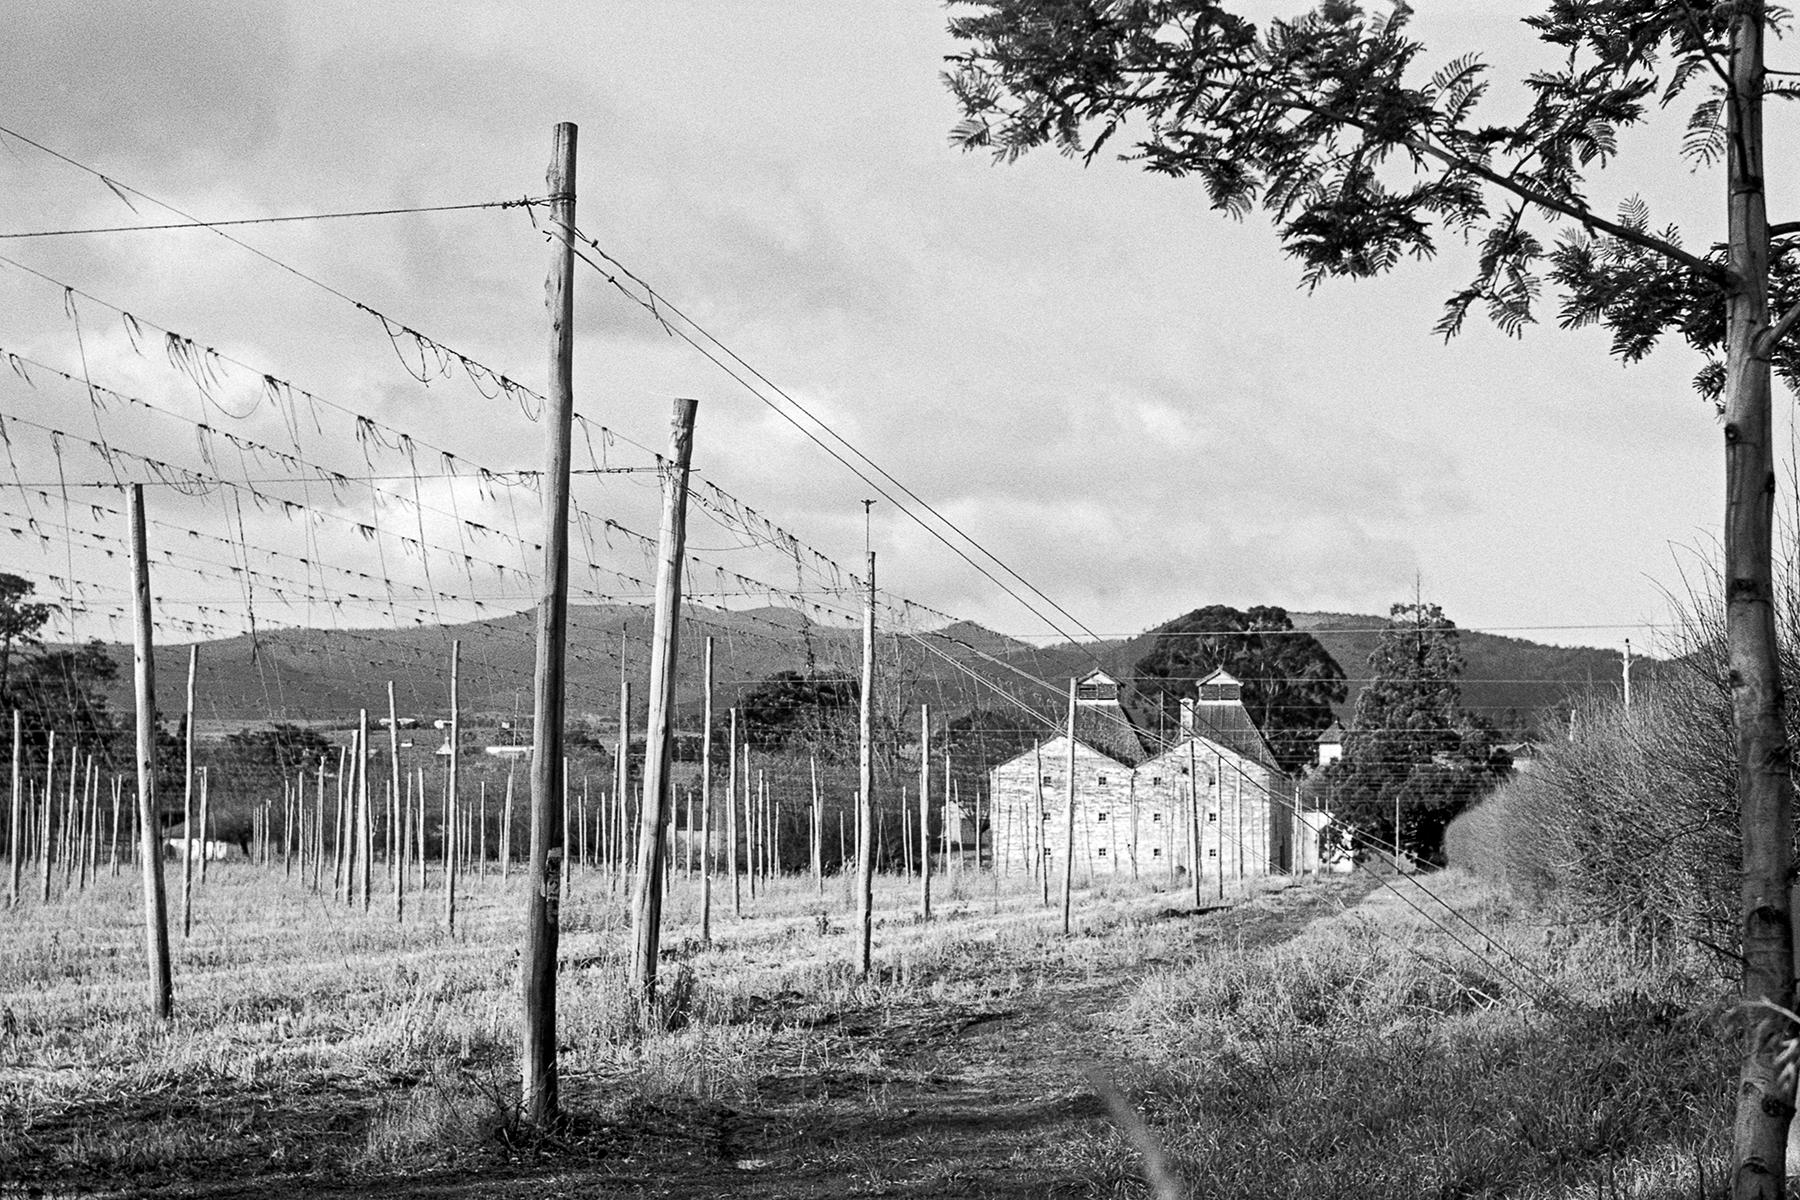 Hops Field Tasmania | KW Praktina FX | Carl Zeiss Jena 58mm f2 Biotar | Fujifilm Neopan Acros 100, developed in Ilford ID-11 1+3 | Brett Rogers